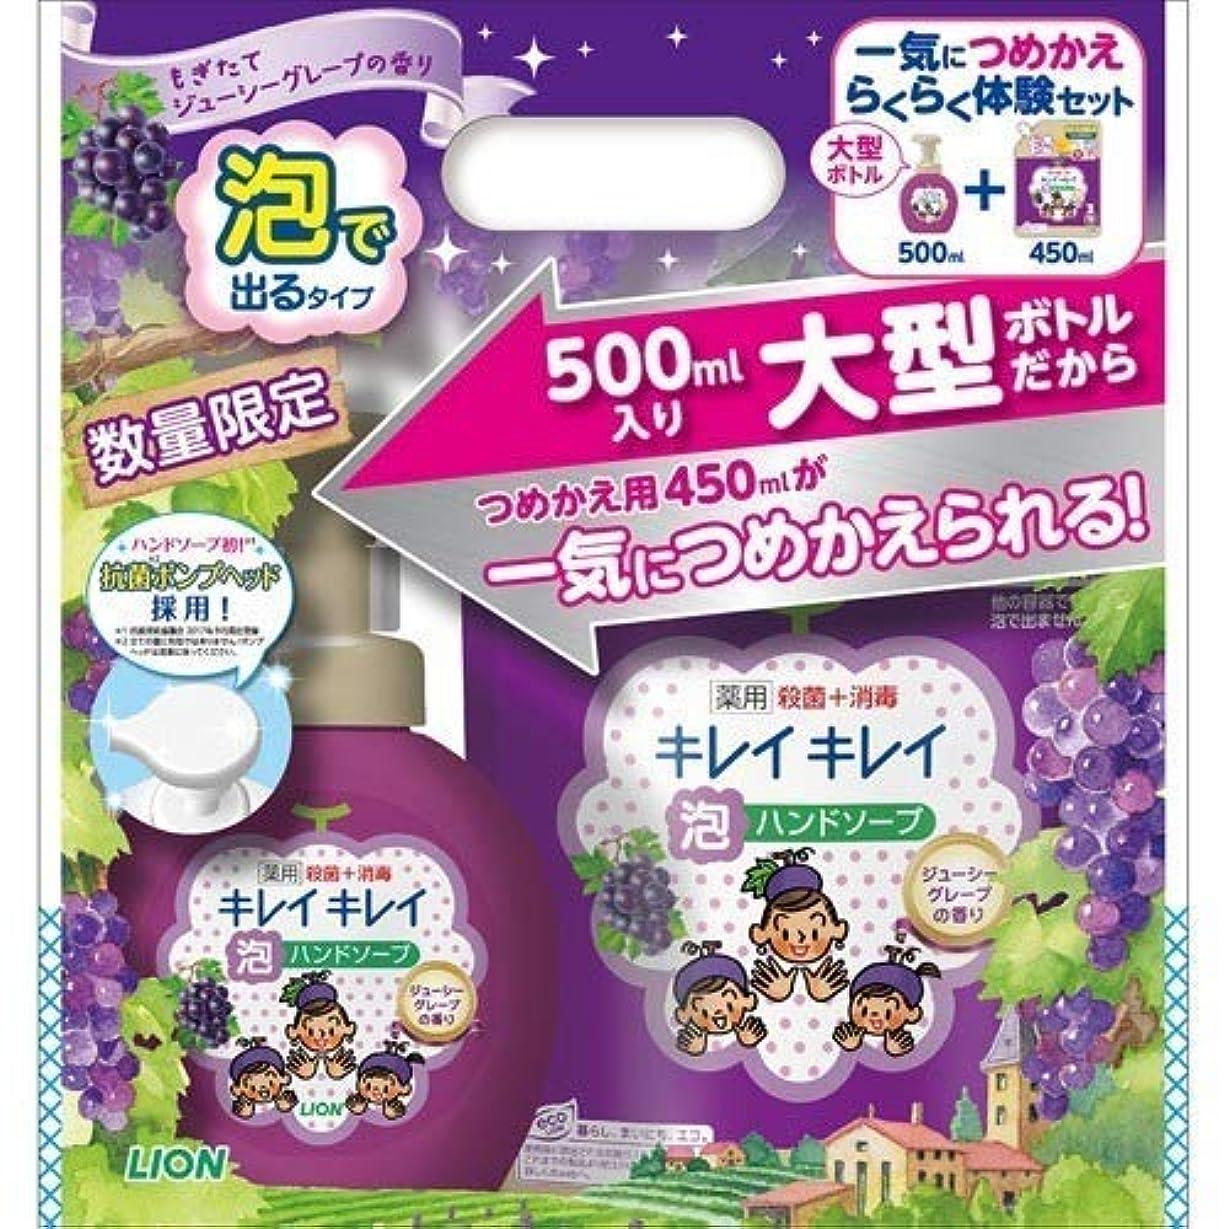 花瓶王女アンペアキレイキレイ 薬用泡ハンドソープ ジューシーグレープ 本体+つめ替えセット 500g+450g